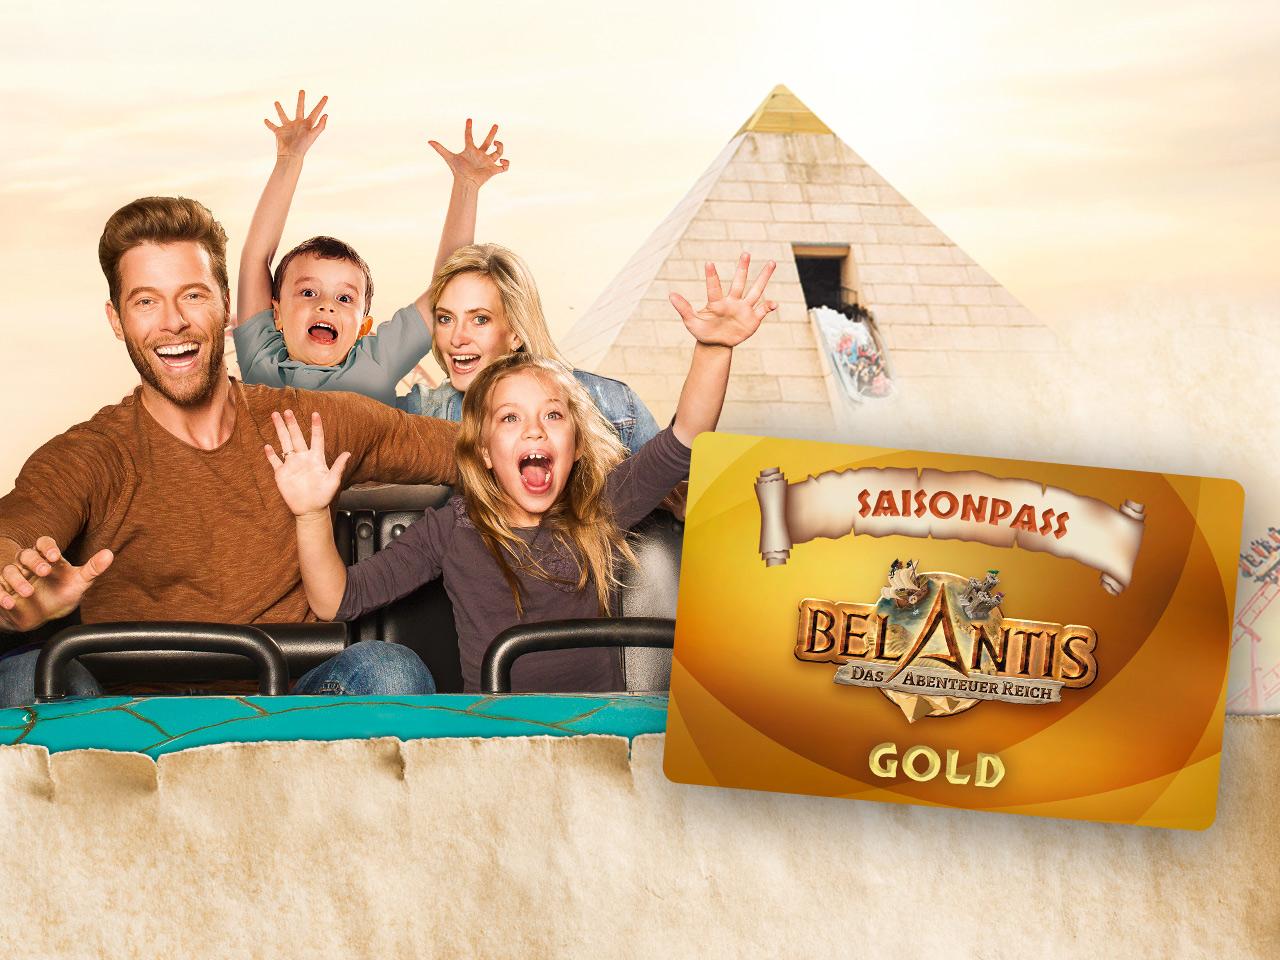 Belantis Gold und Silber Tickets im Black Sale (Gold inkl. Movie Park...)